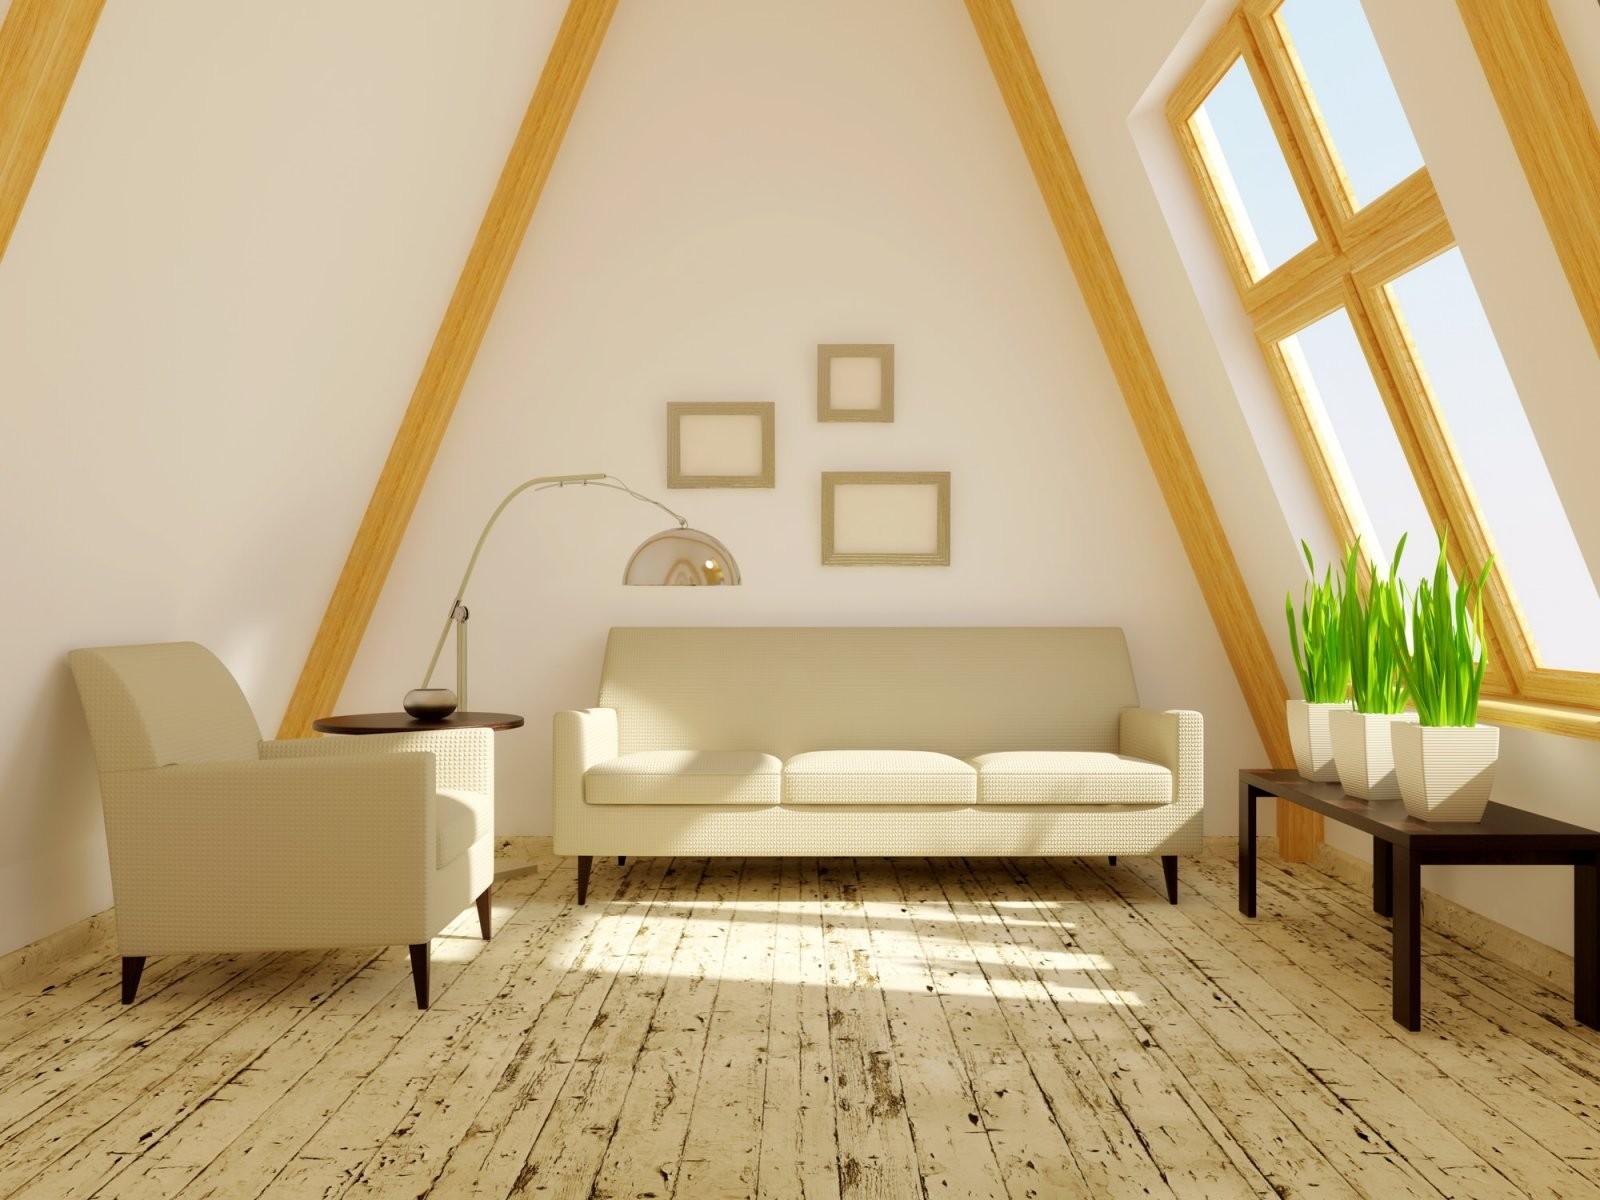 Ganz Schön Schräg 10 Tipps Wie Sie Räume Mit Dachschrägen Stilvoll von Einrichtungsideen Schlafzimmer Mit Dachschräge Photo